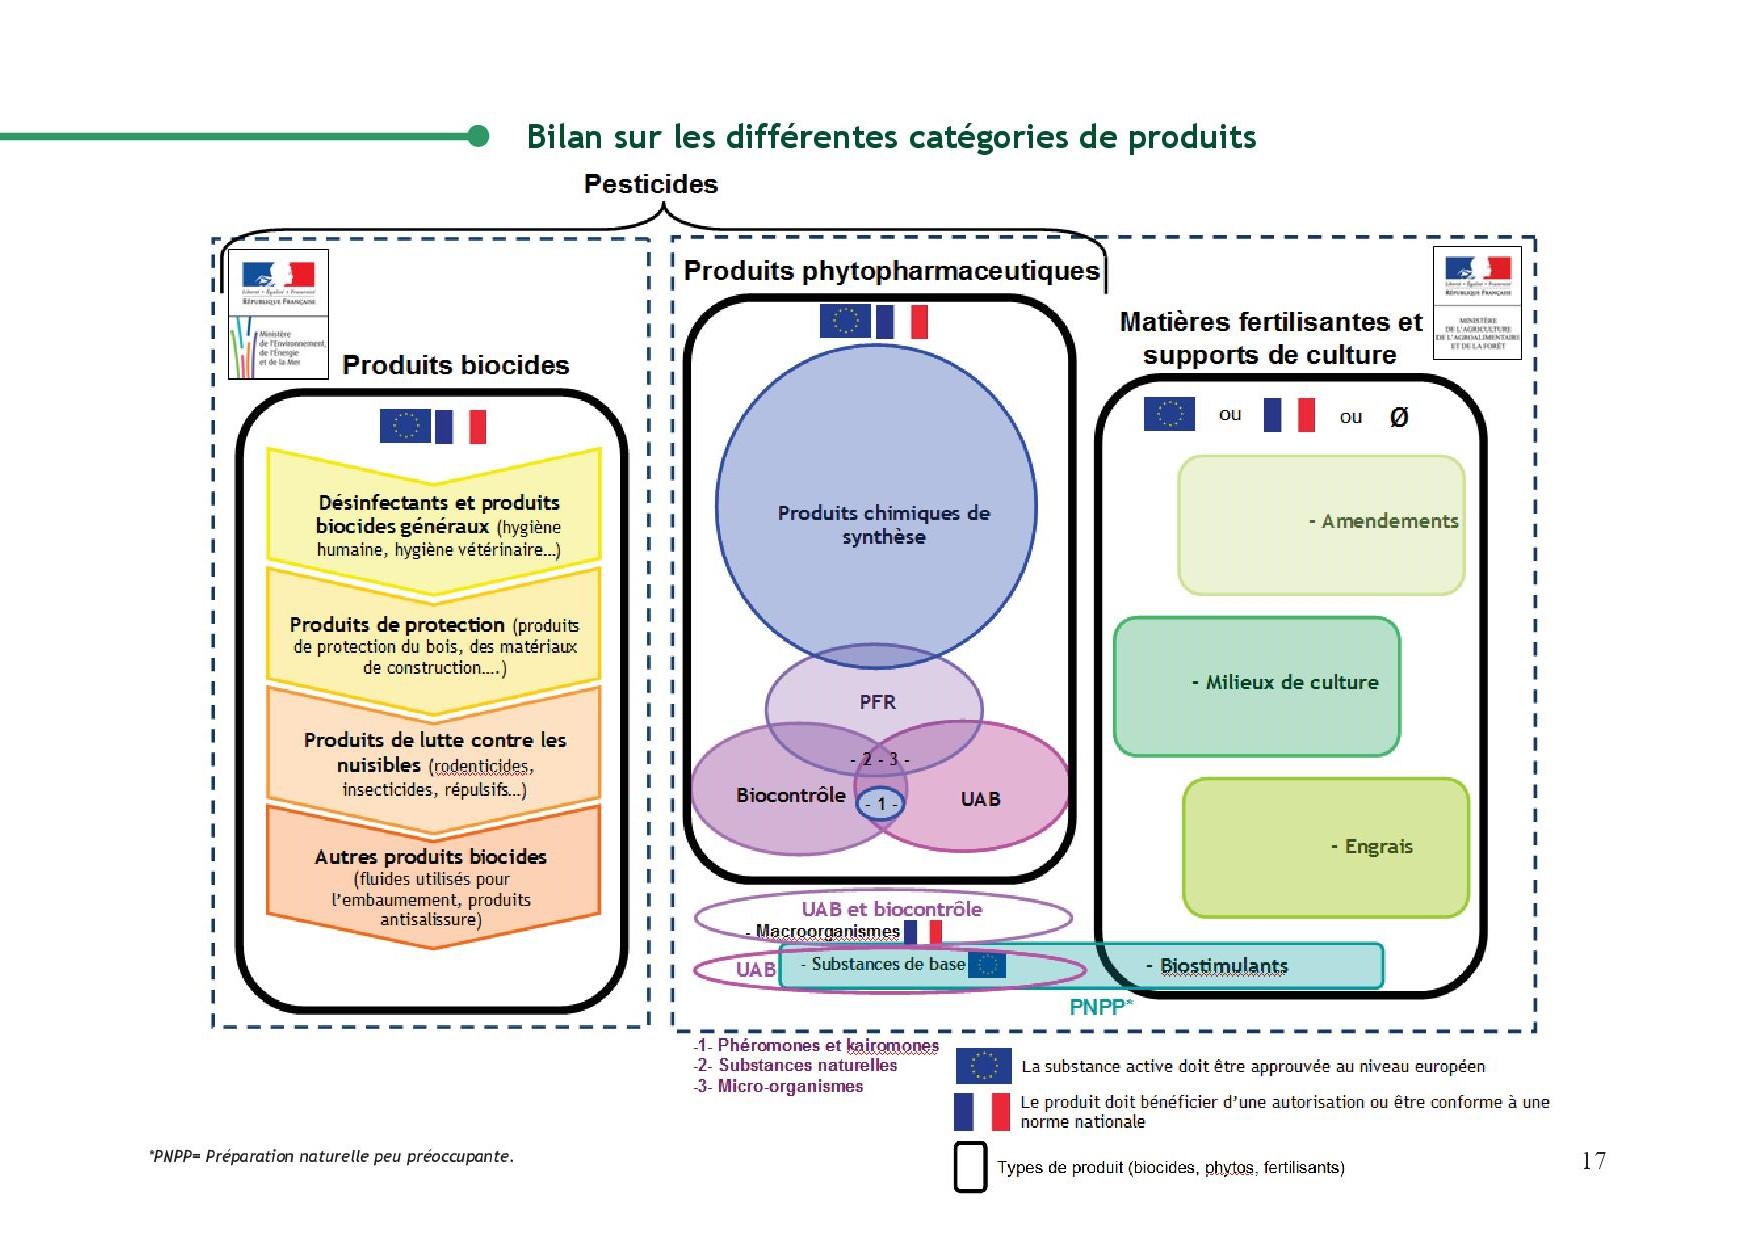 Tableau_de_synthese_quel_produit_quel_usage_V4_cle41e5bc